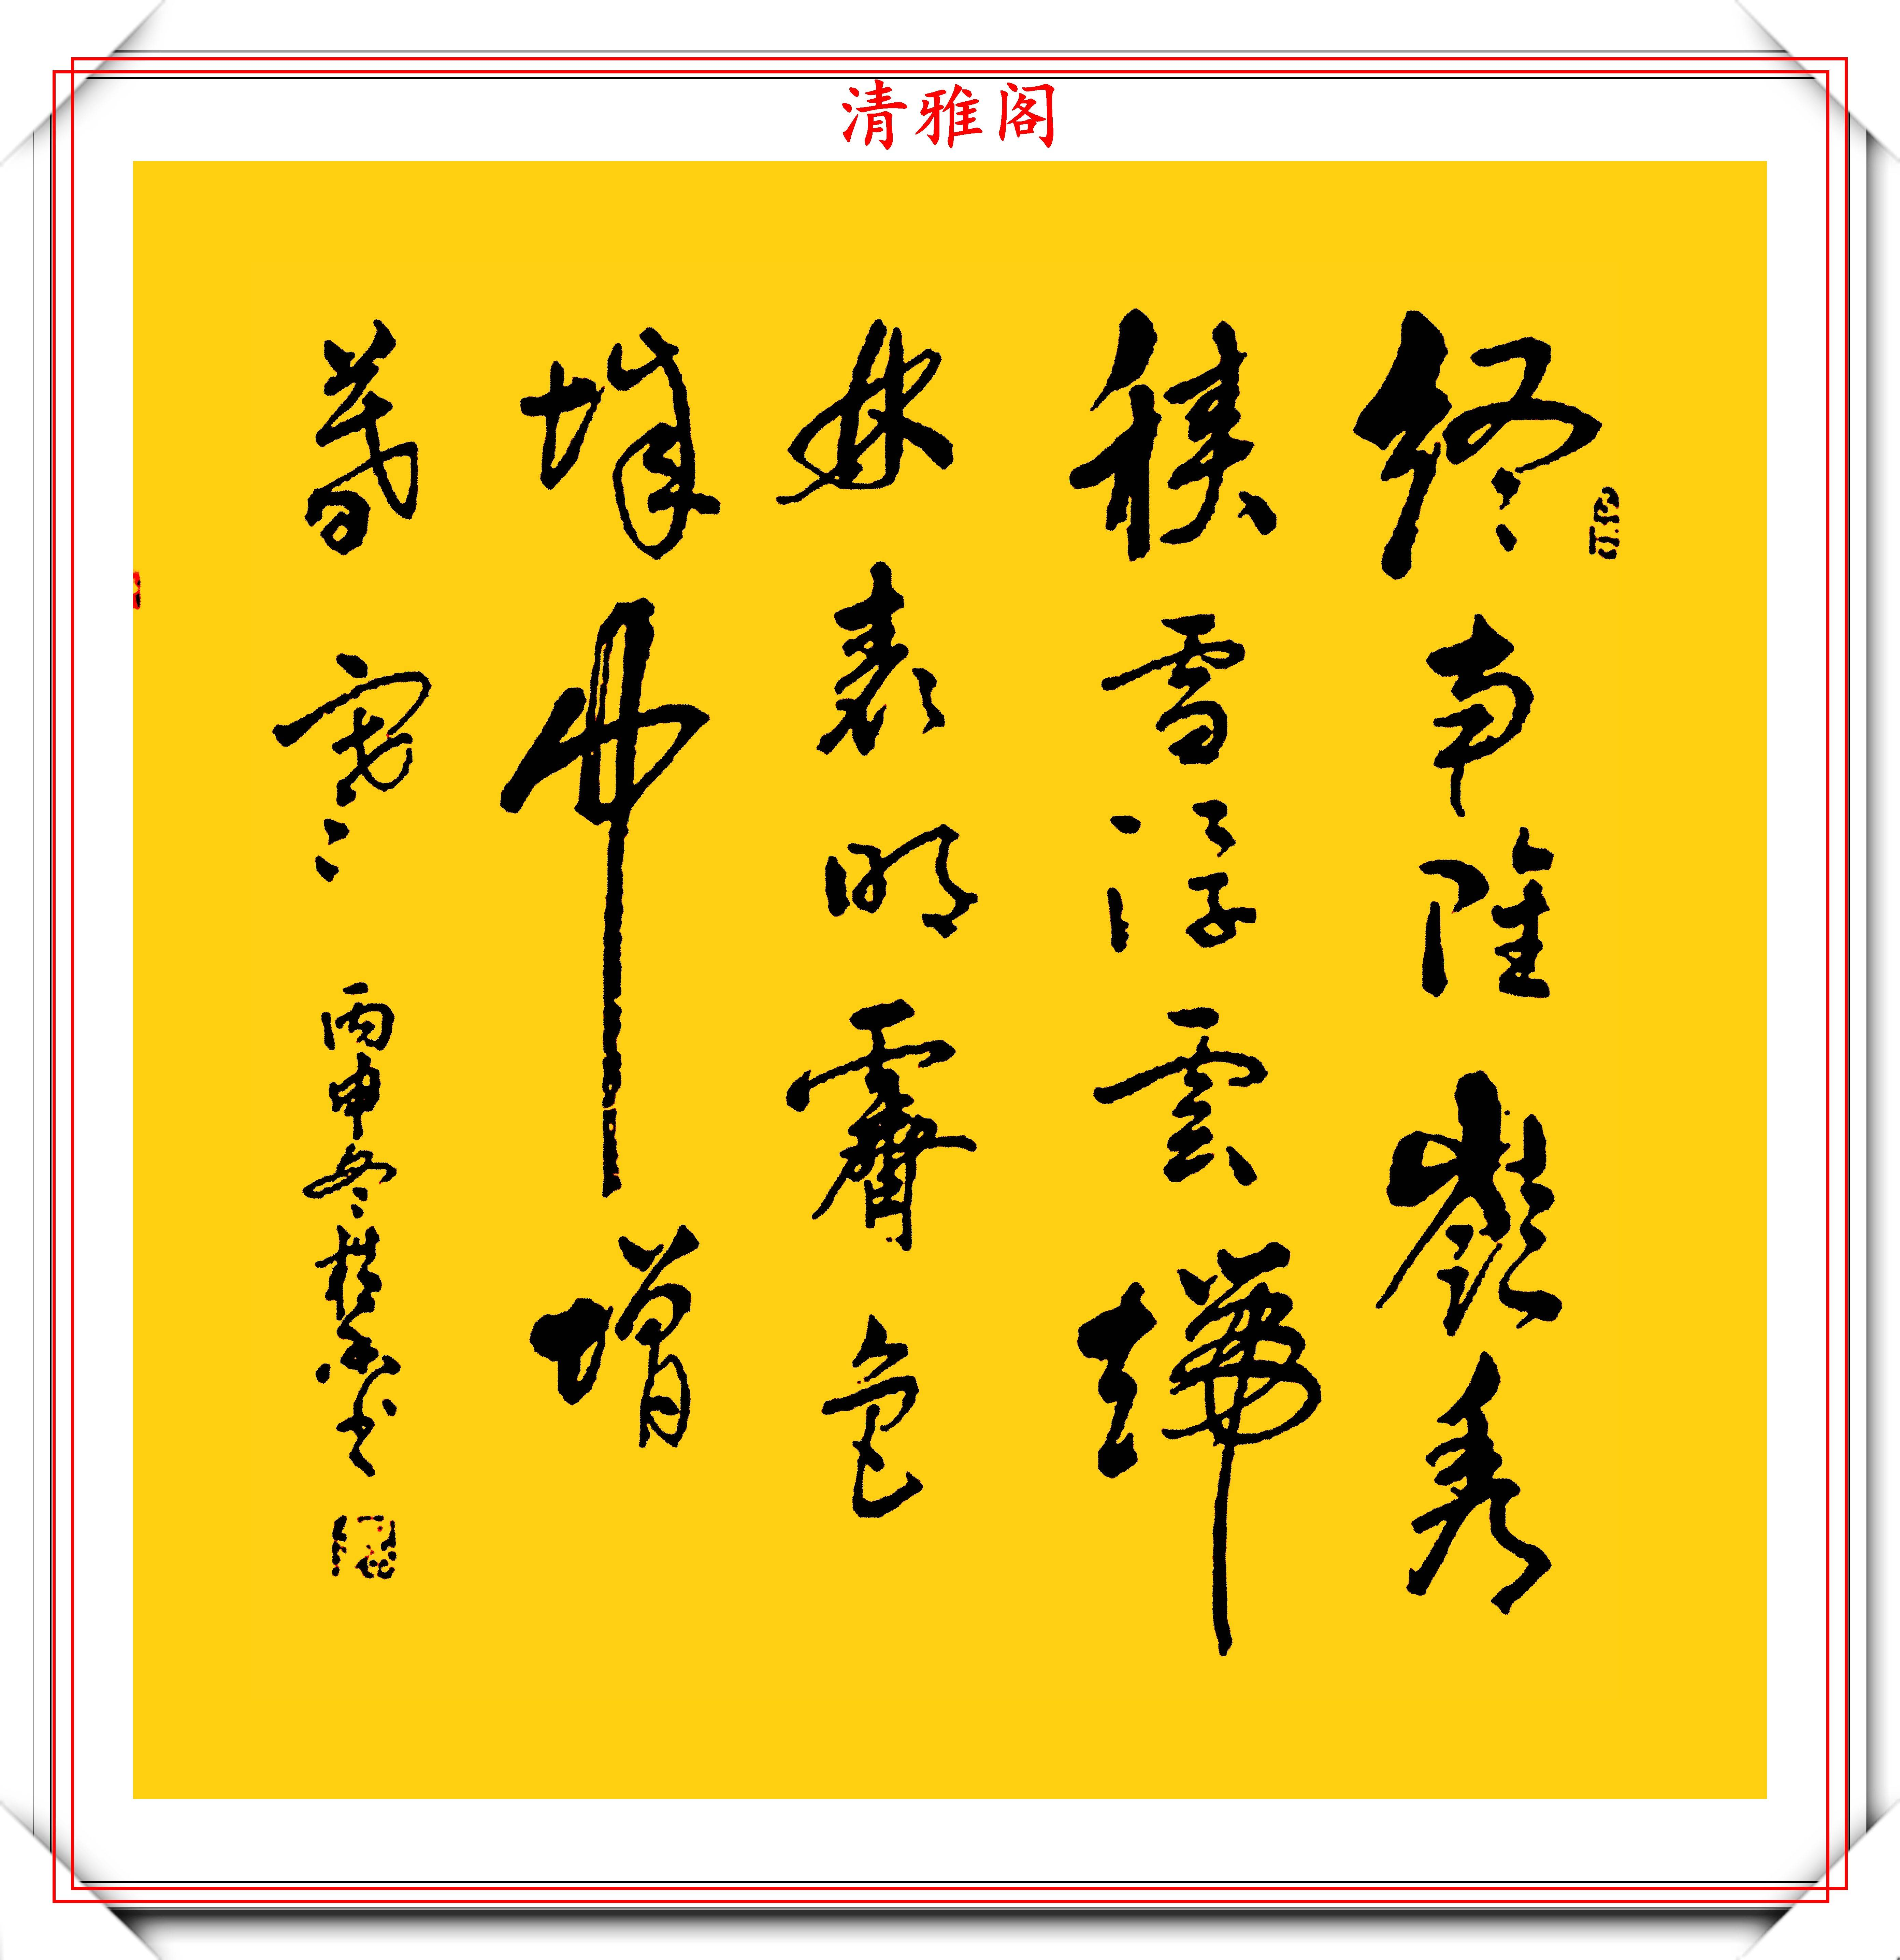 中书谢女书法家王桂香浏览书法精品,雅